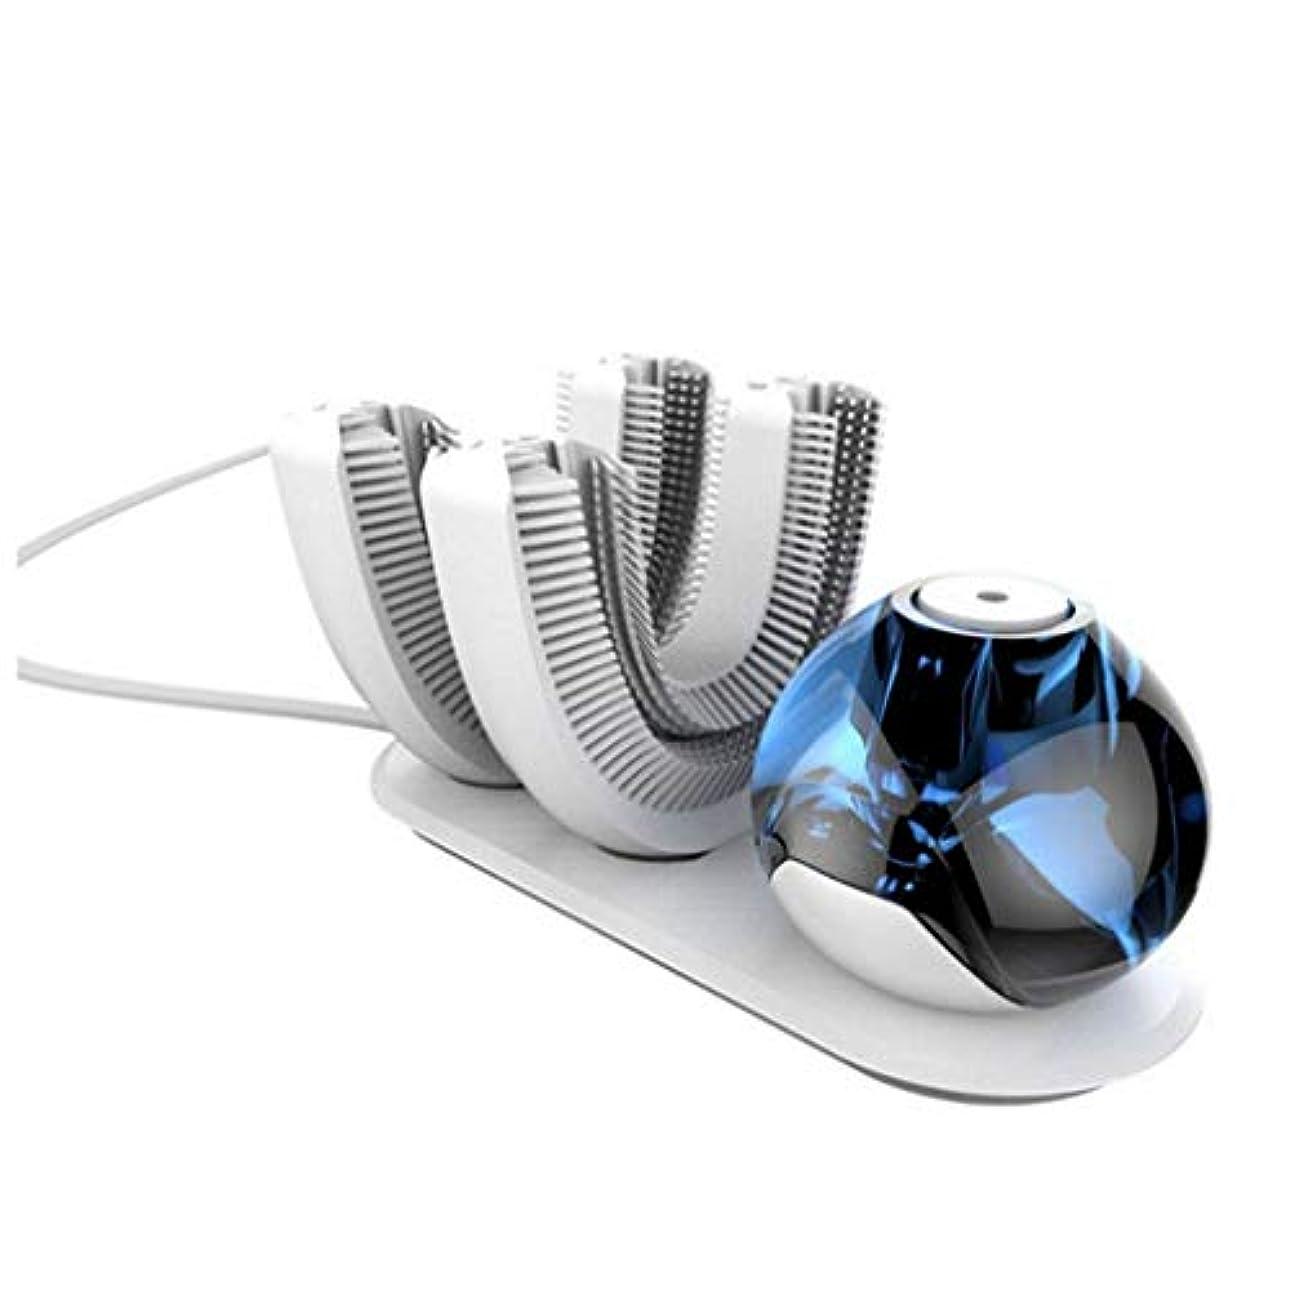 プーノ可動式リンケージHETAO クリエイティブ自動歯ブラシ、怠惰な、自動歯ブラシ電動歯ブラシワイヤレス充電式360°、歯ブラシヘッドのうちの2つは、白歯ブラシの歯に設計されています 白